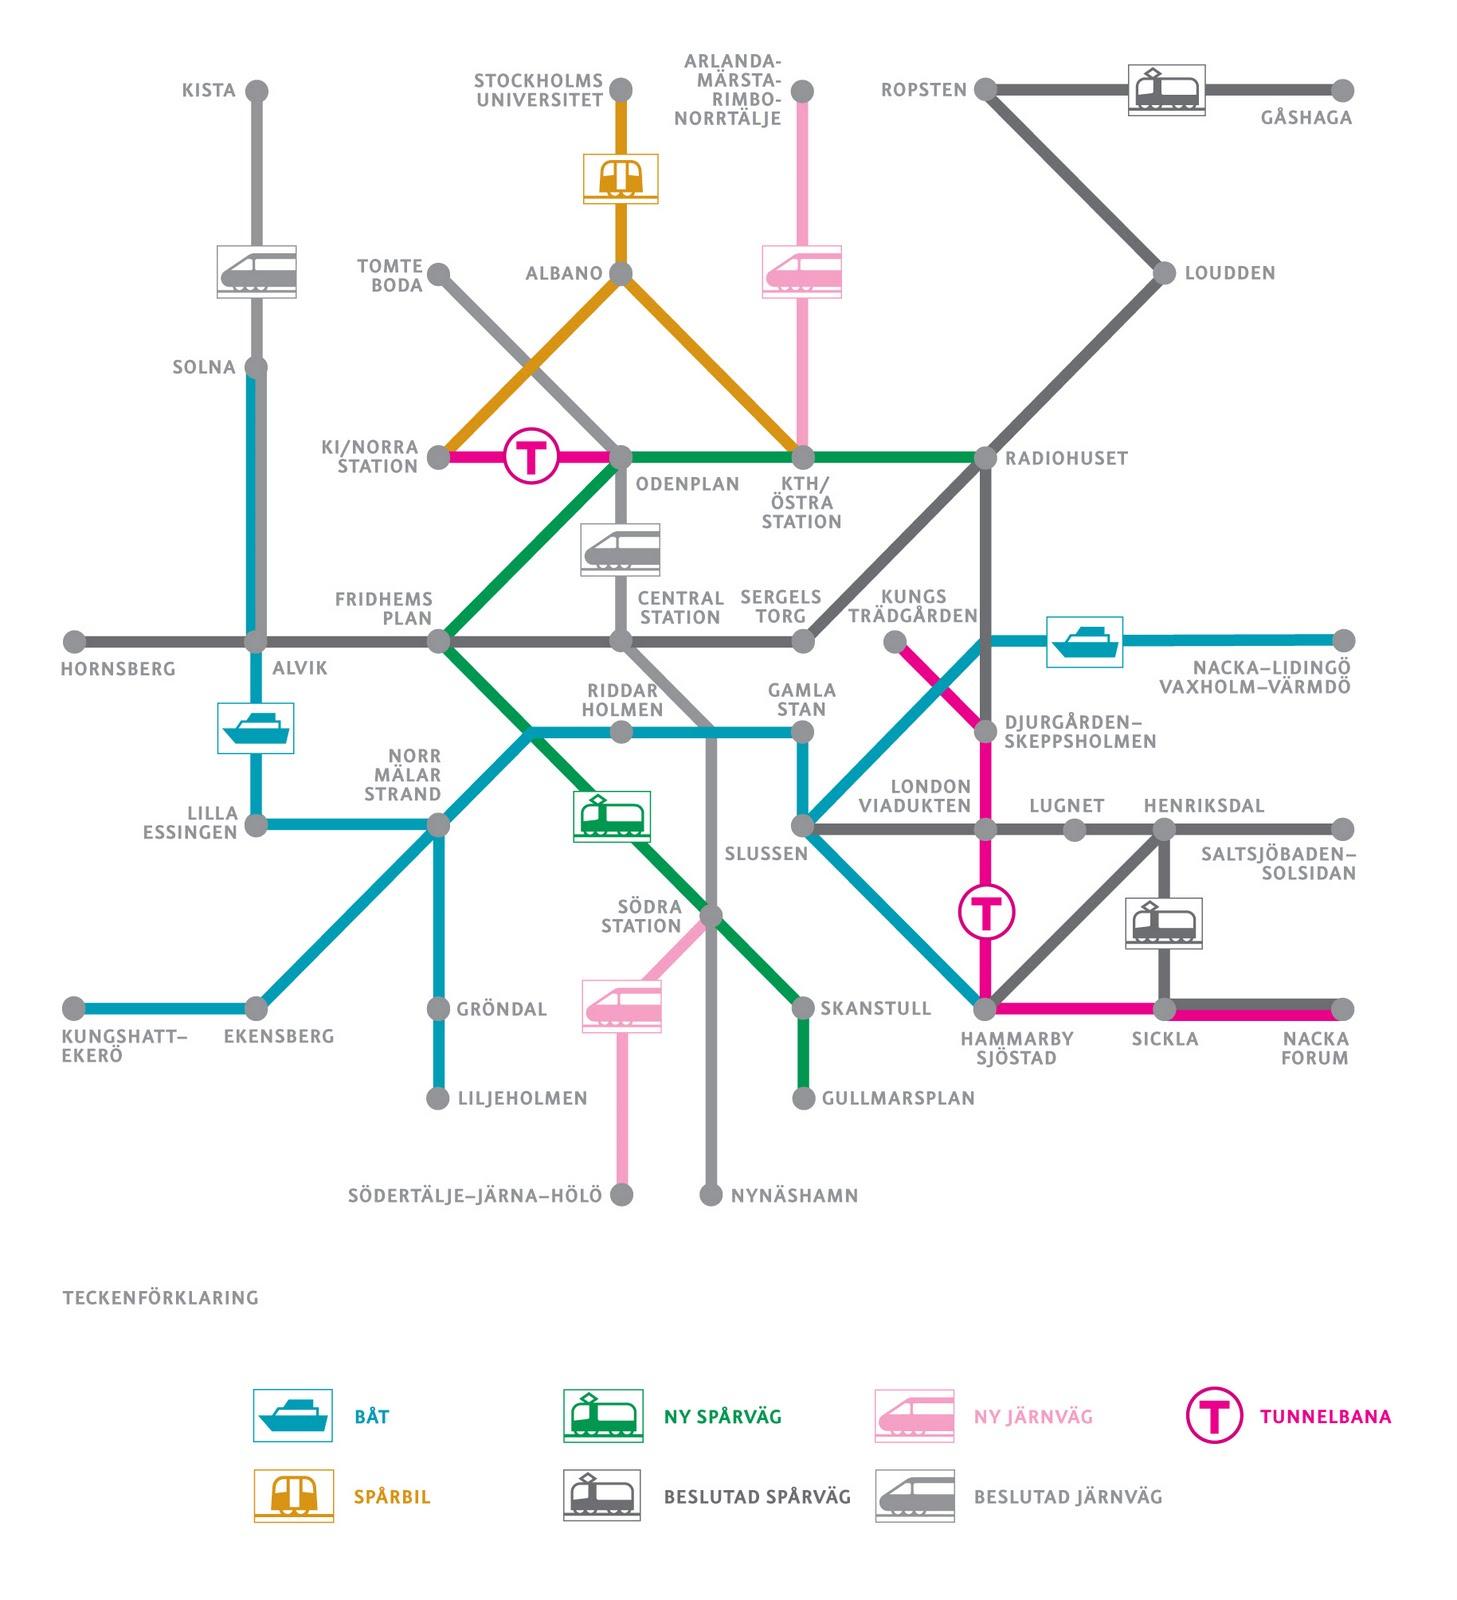 Andersson Pa Kungsholmen Ett Vaxande Stockholm Behover Mer Tunnelbana